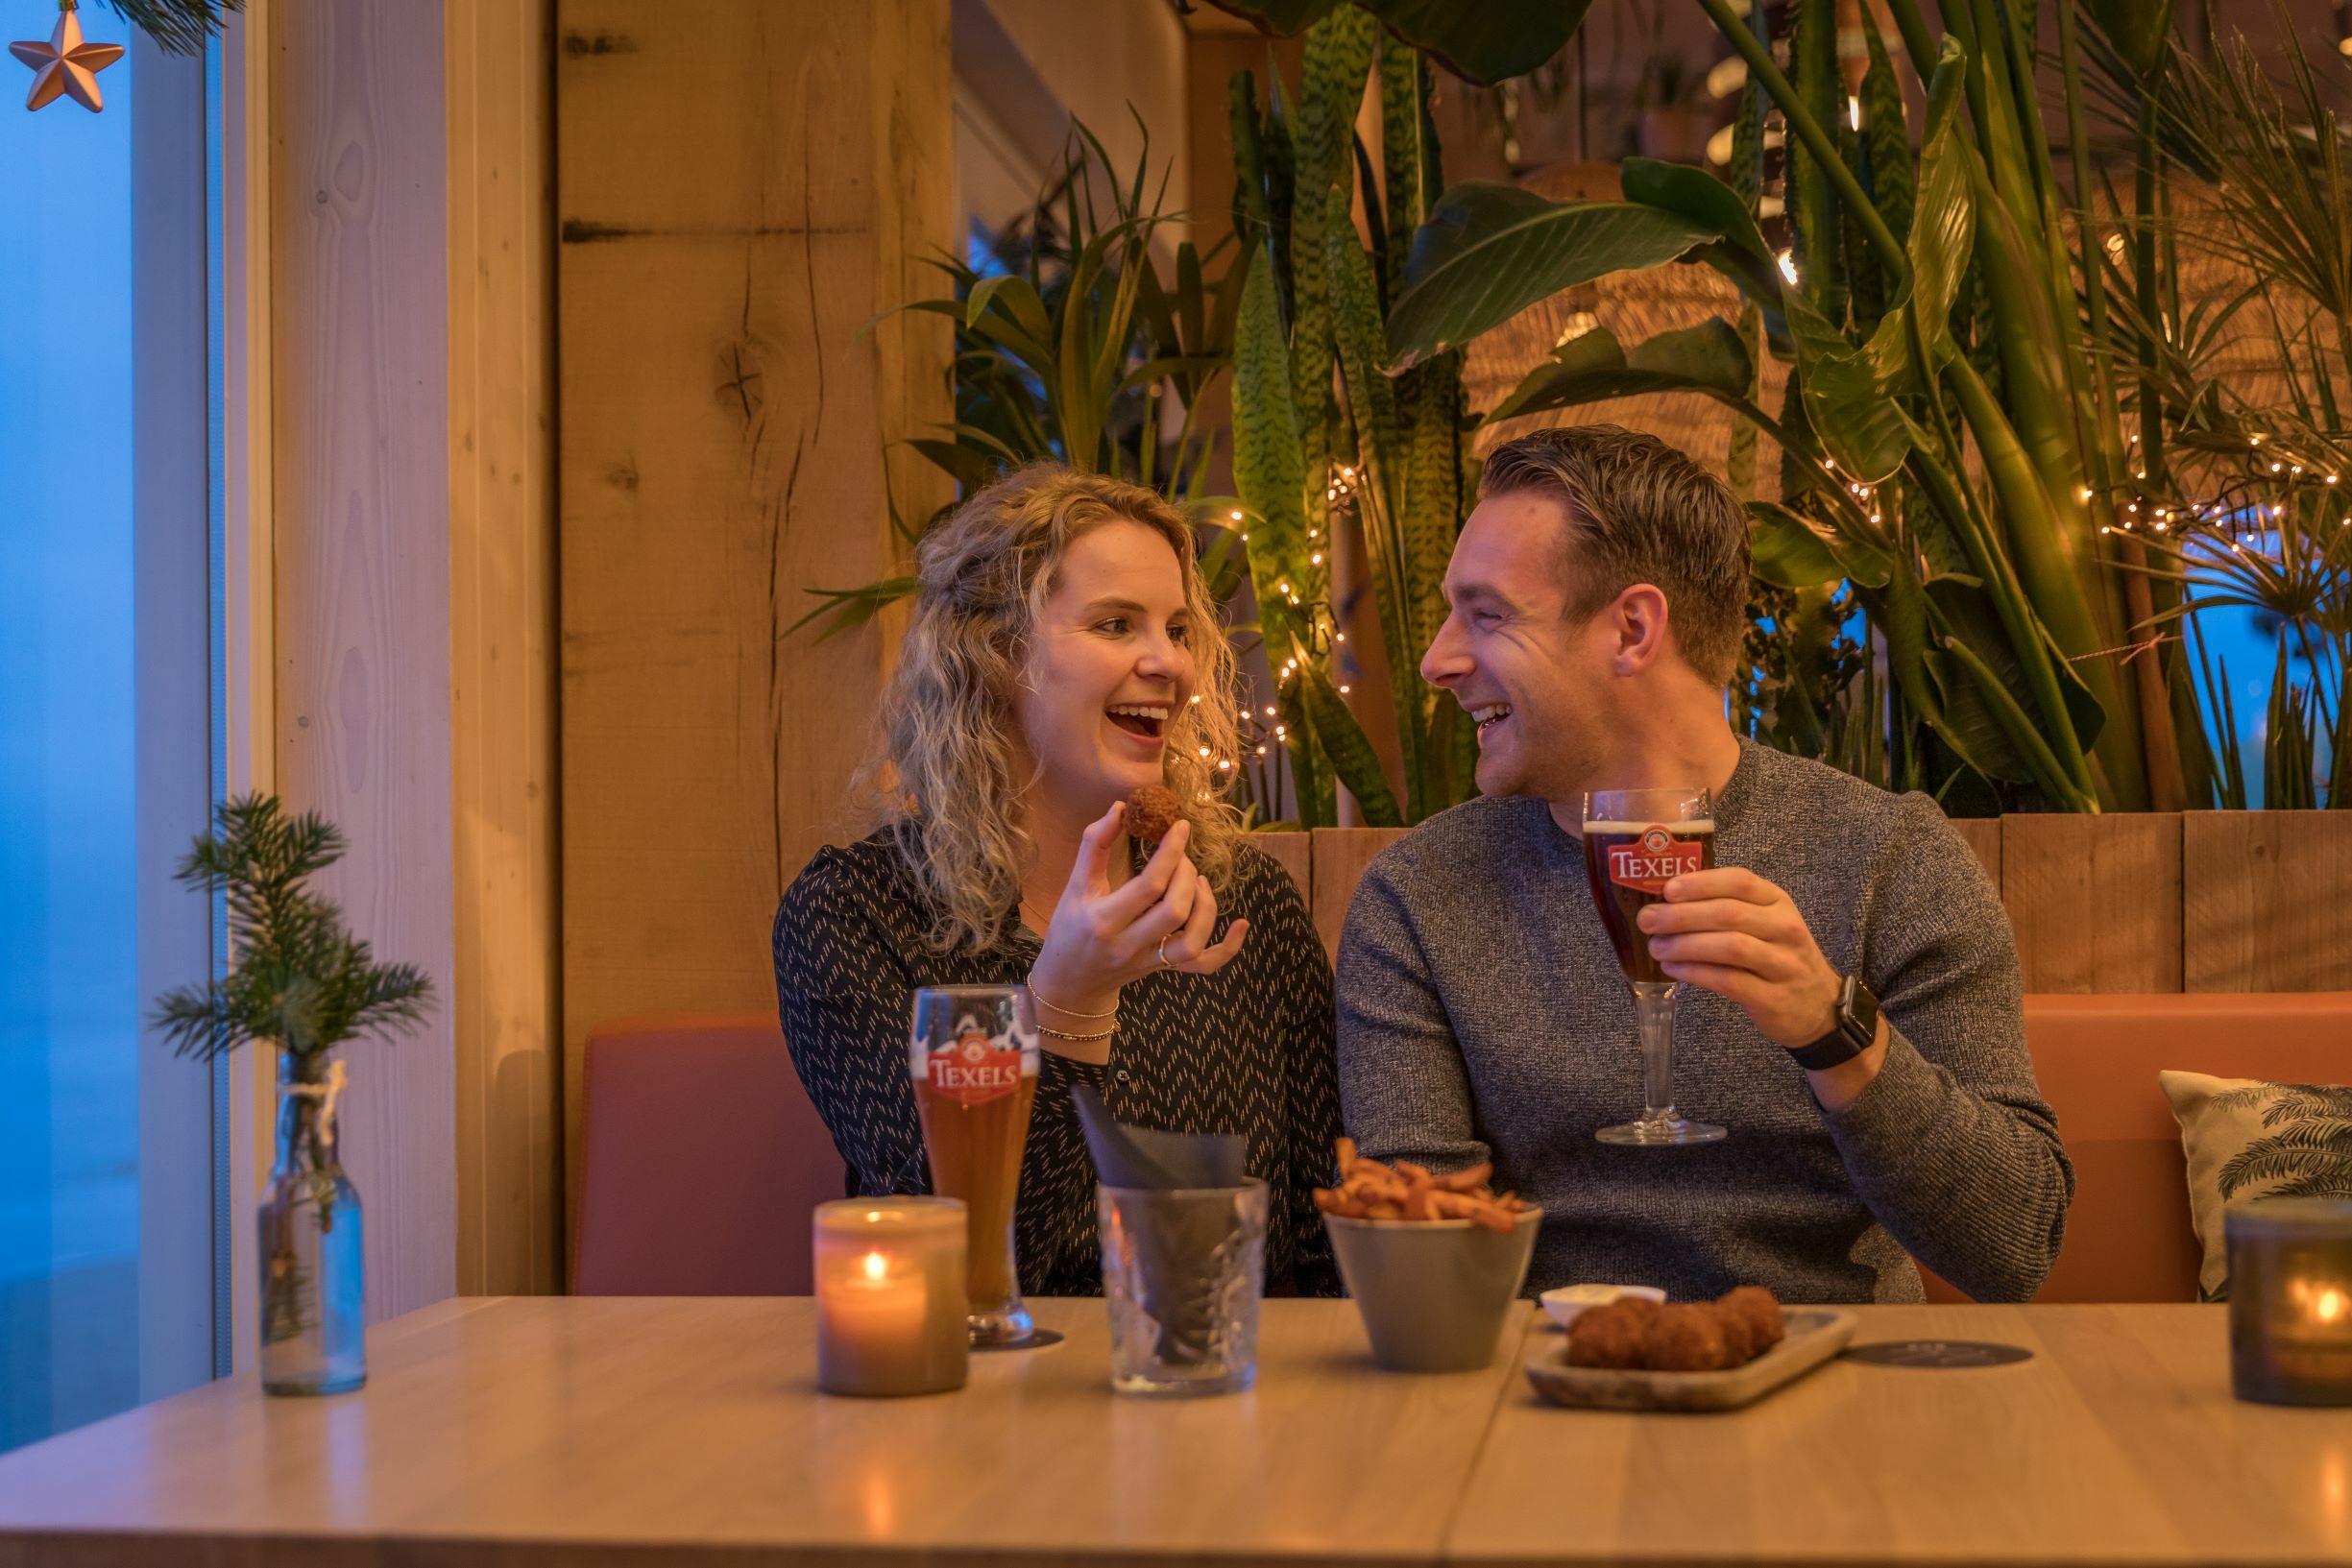 Stel met Texels biertje bij Gastropaviljoen XV VVV Texel fotograaf Evalien Weterings 7